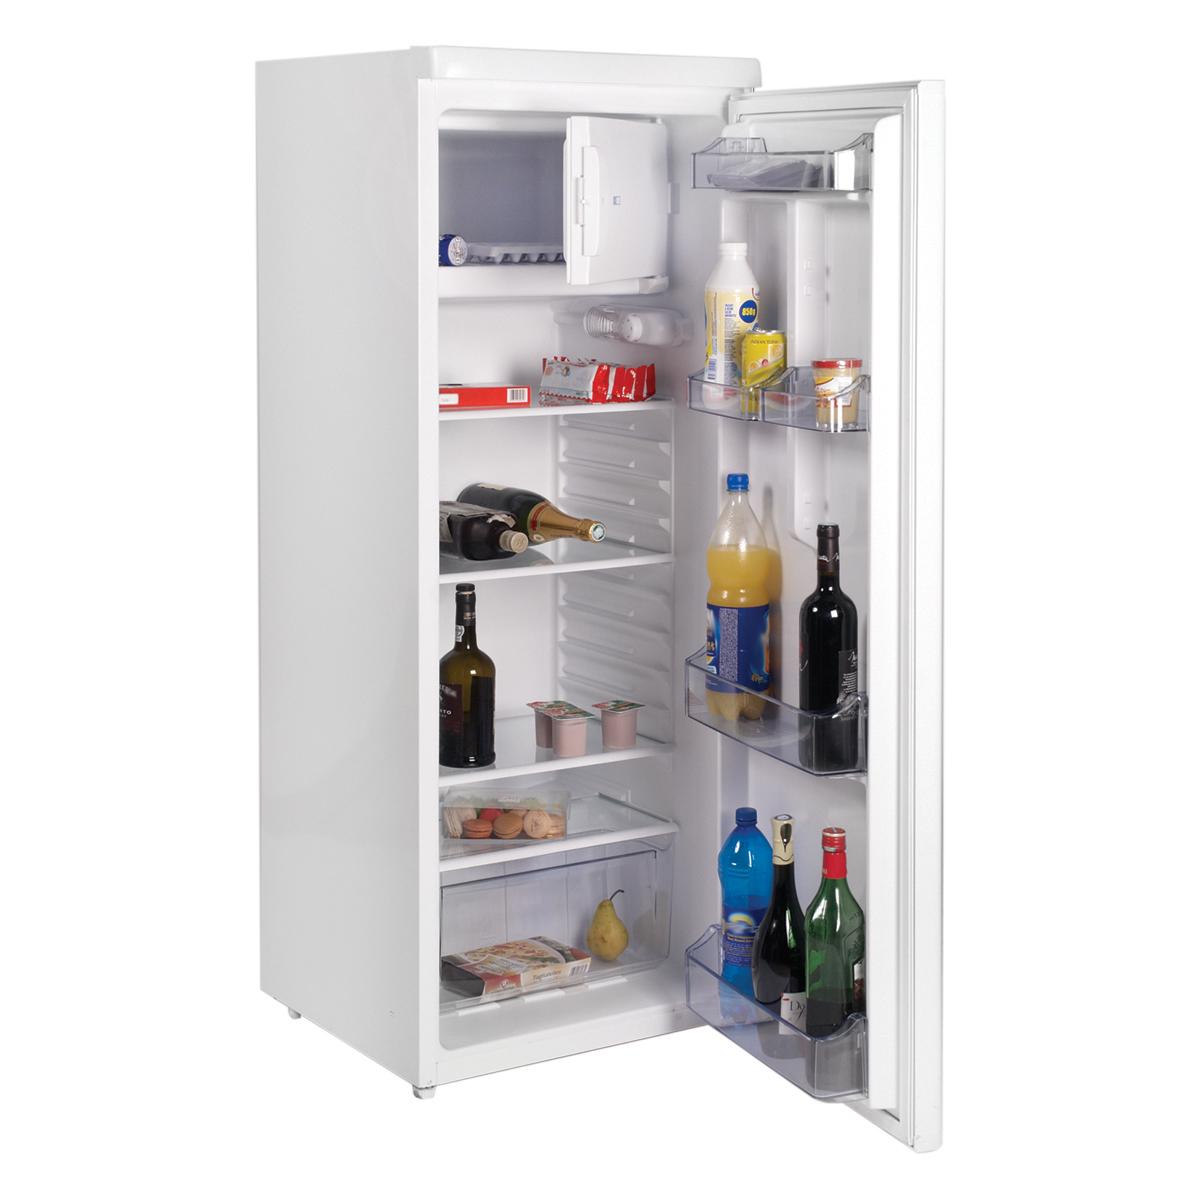 refrigerateur 220l blanc a cle internation moduling. Black Bedroom Furniture Sets. Home Design Ideas